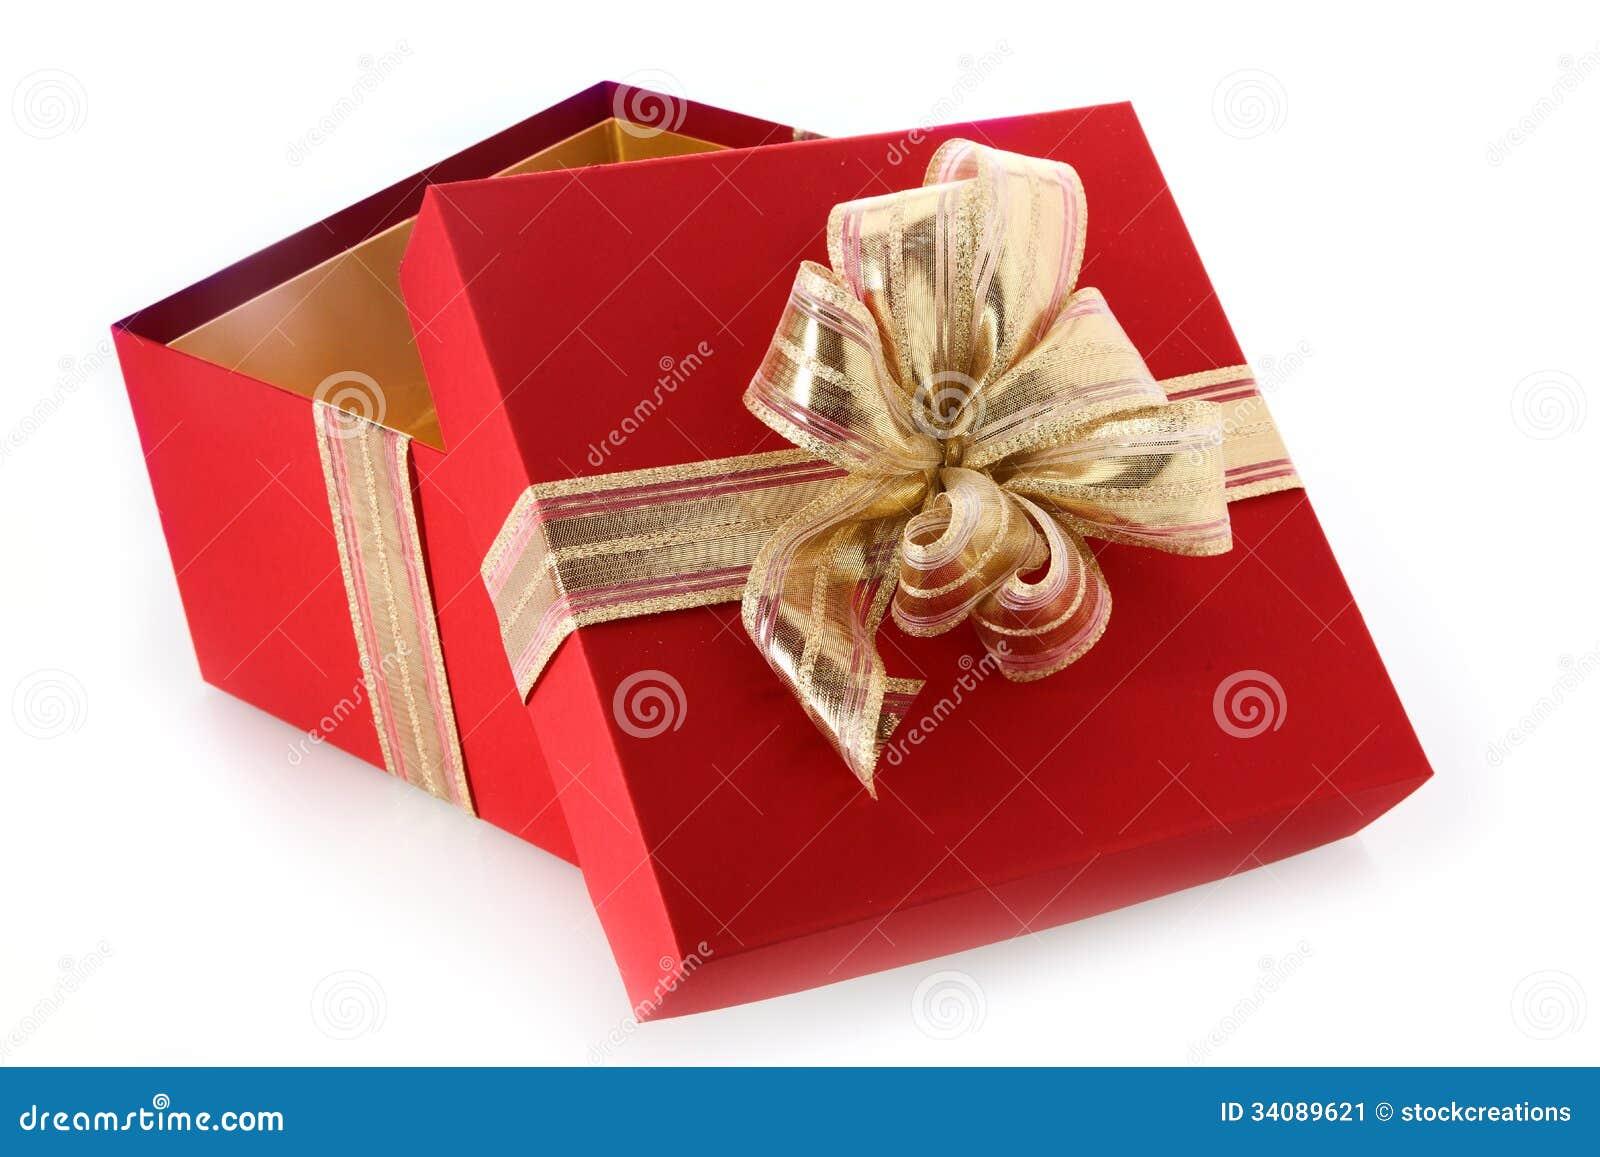 offene geschenkbox mit gekipptem deckel und goldbogen stockbild bild 34089621. Black Bedroom Furniture Sets. Home Design Ideas